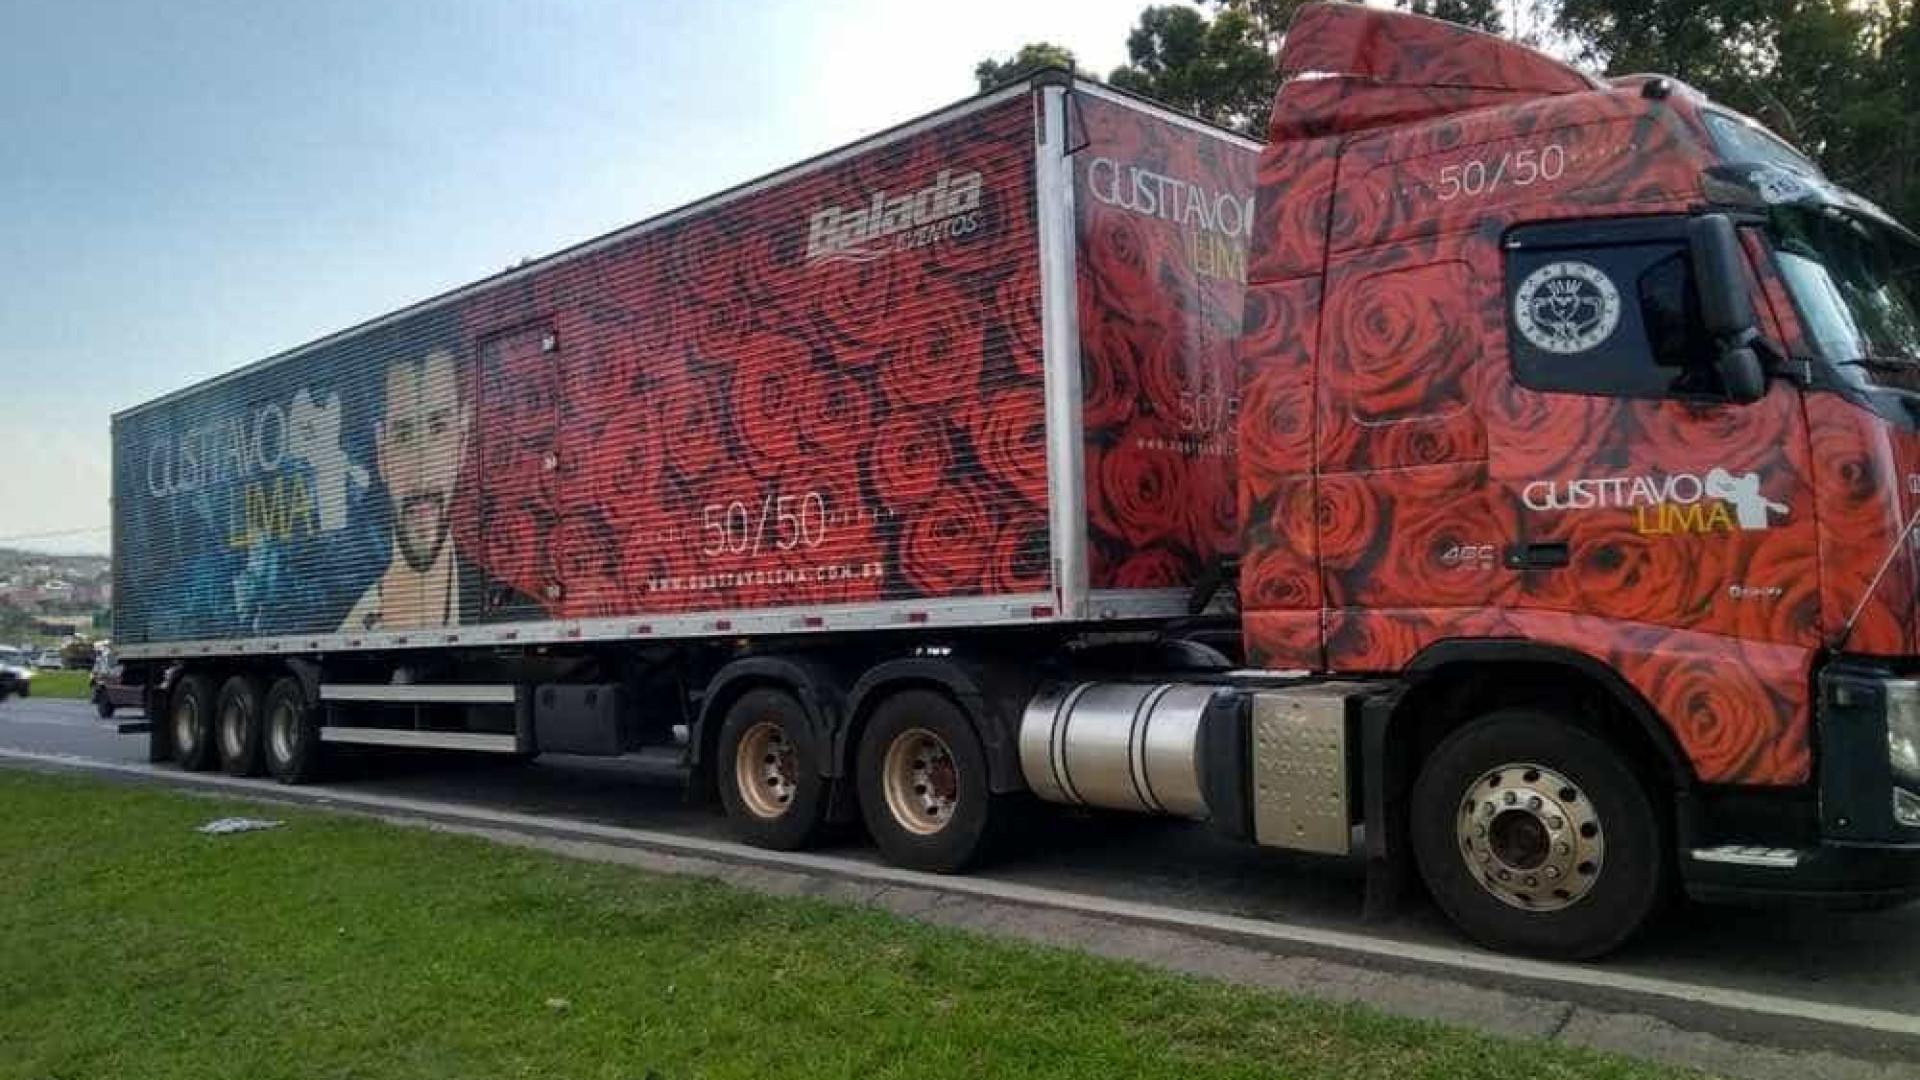 Caminhão de Gustavo Lima é roubado